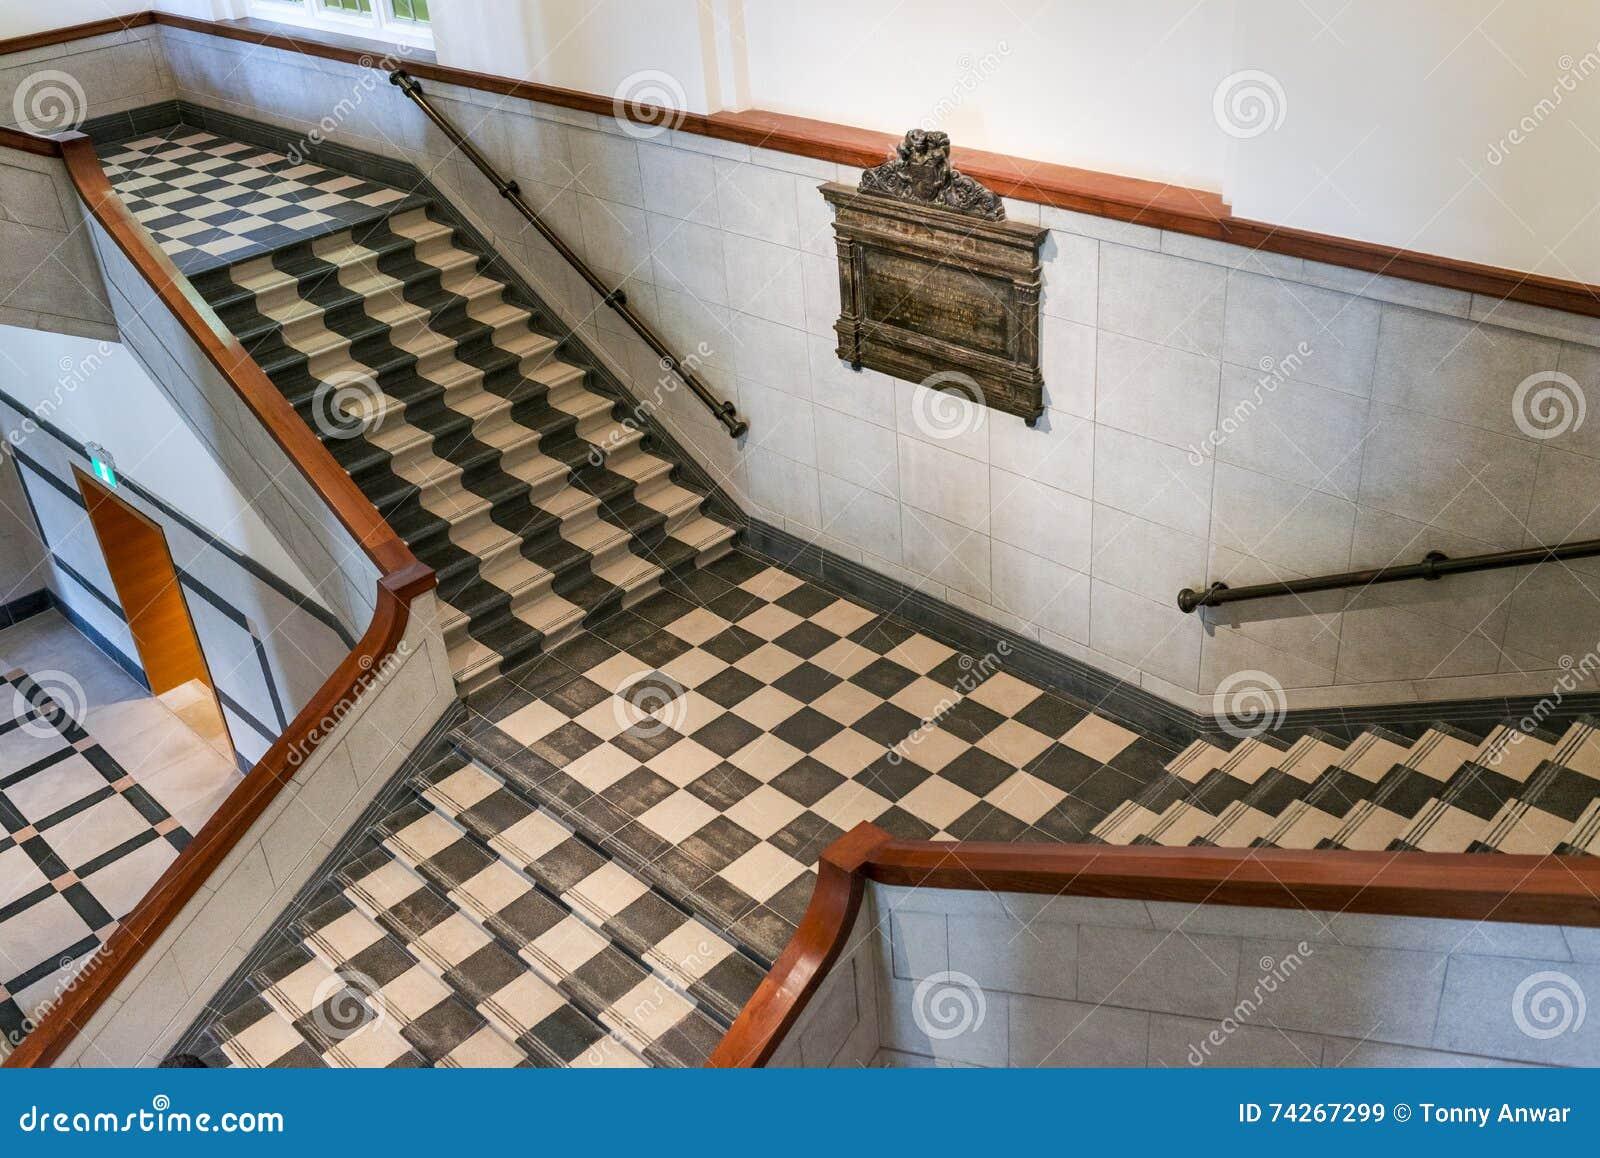 Checker Stairway